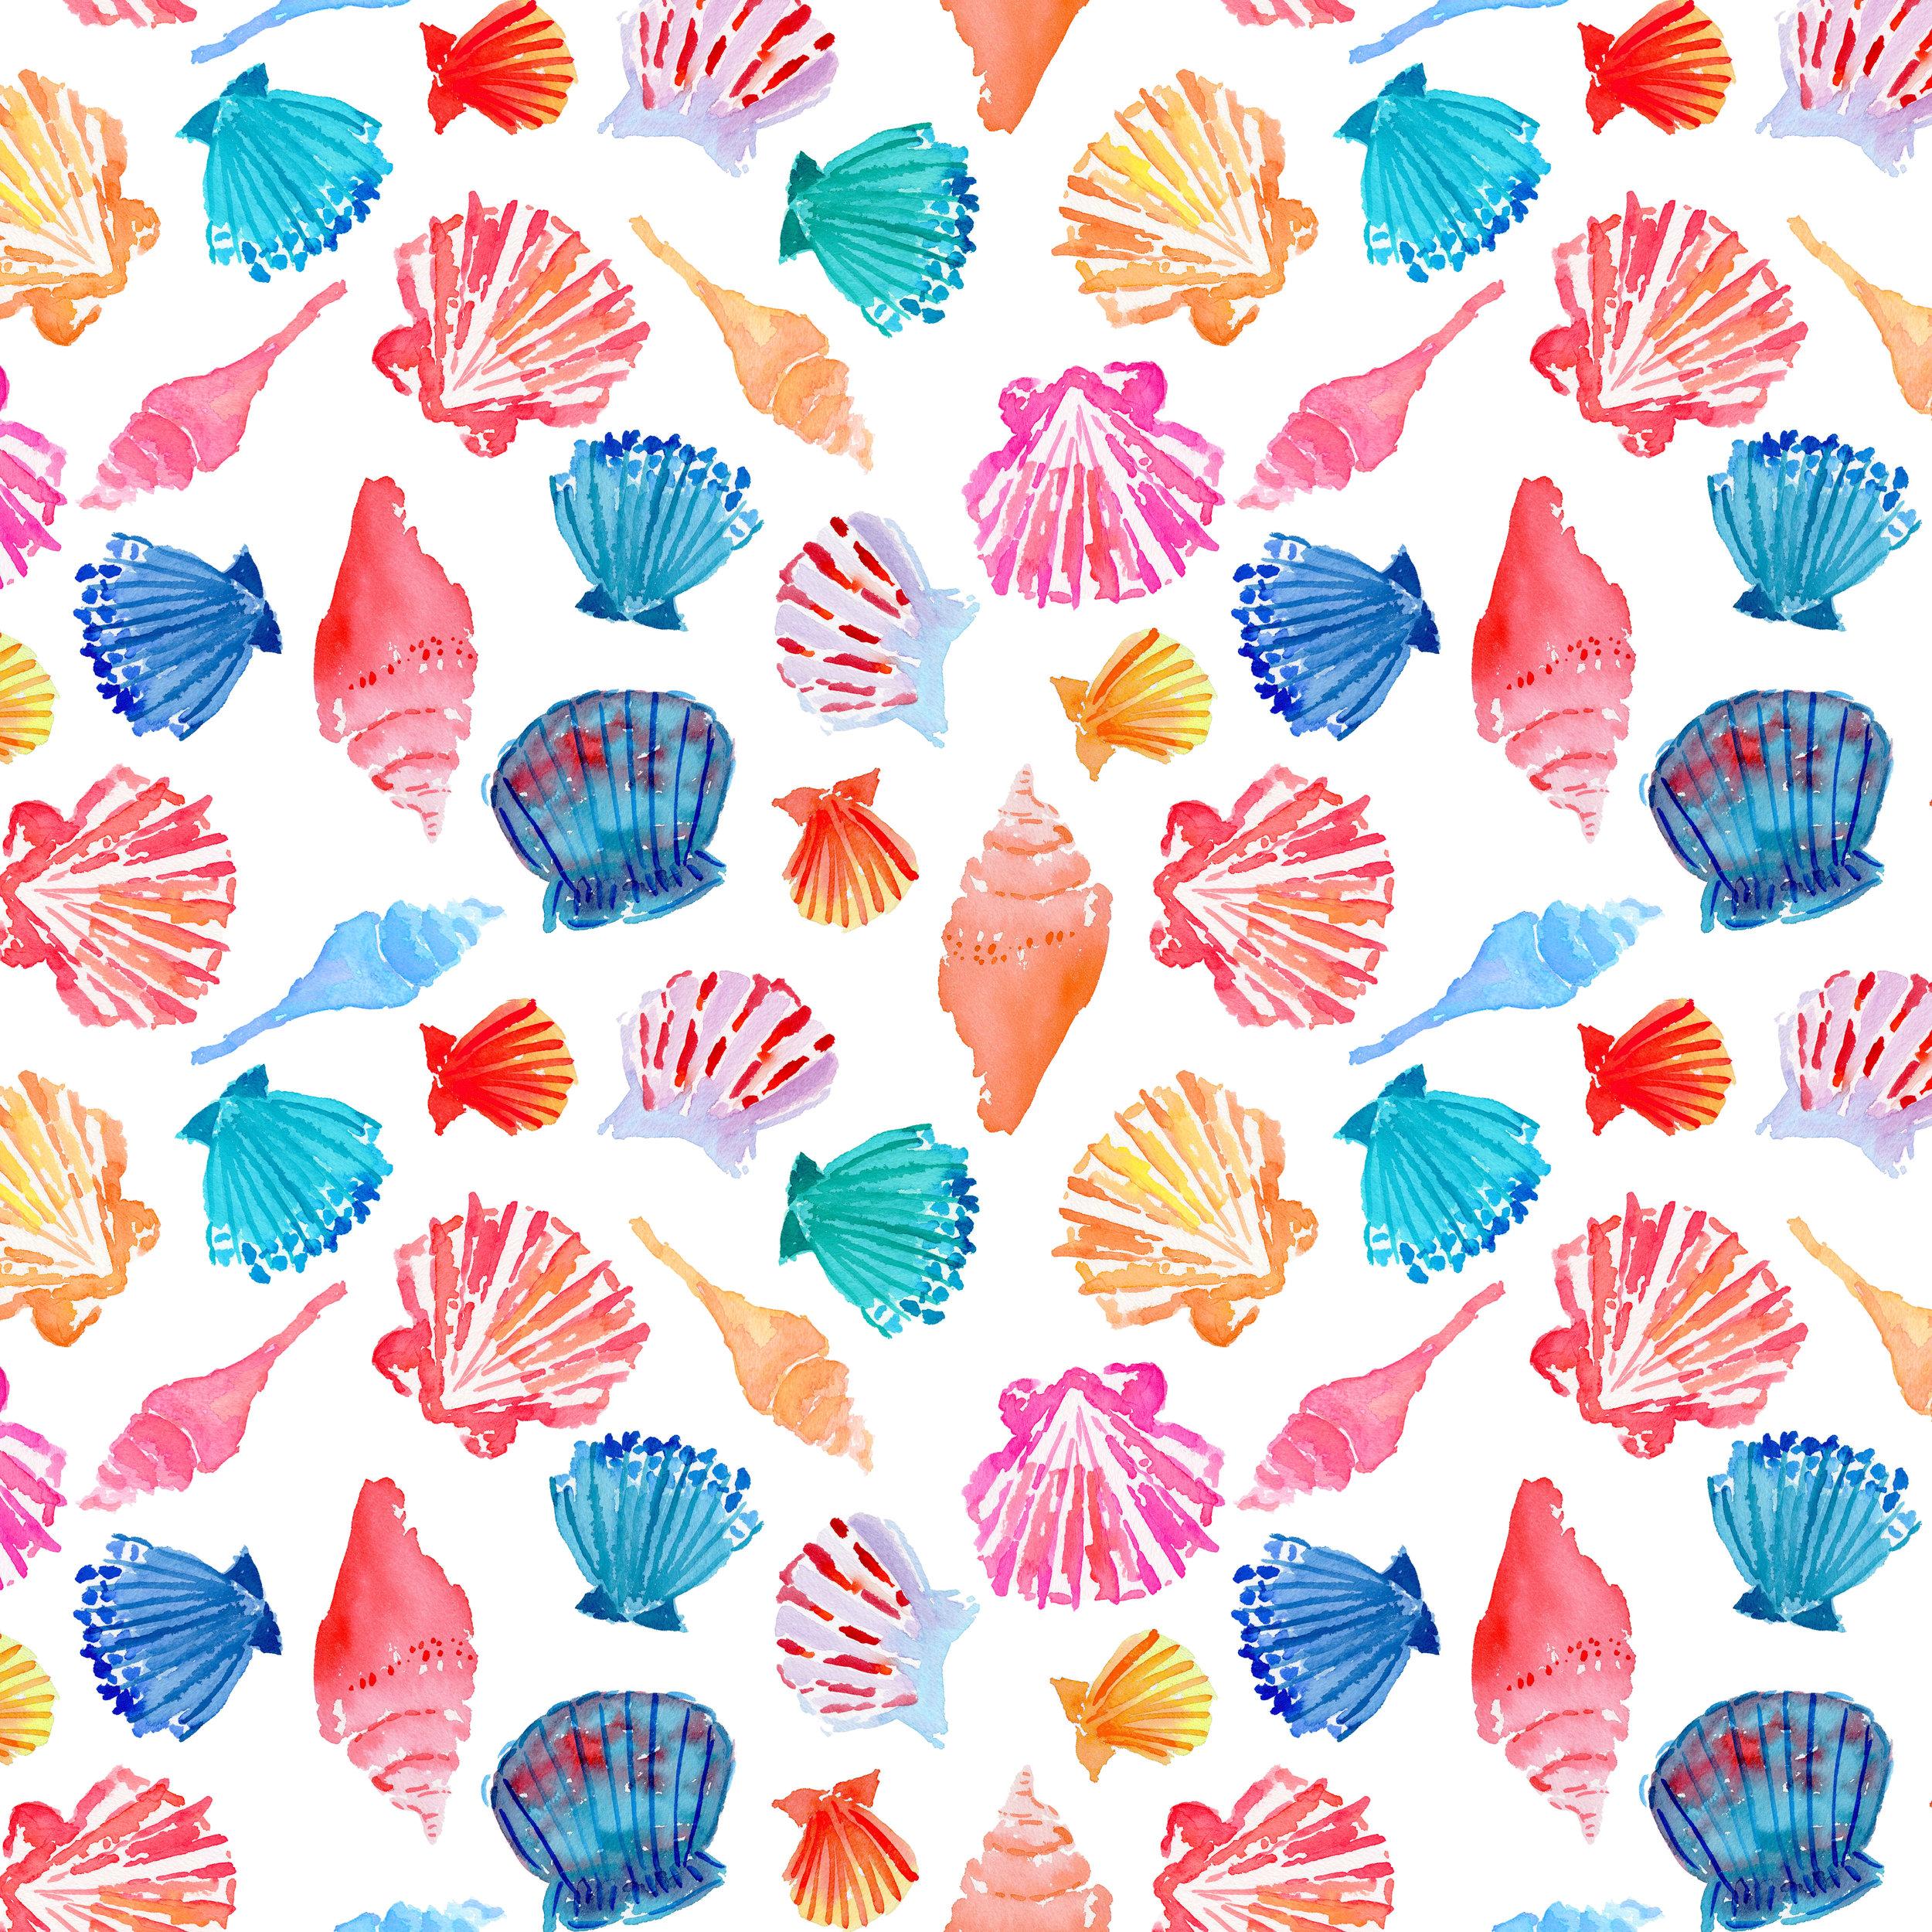 shell pattern fill.jpg